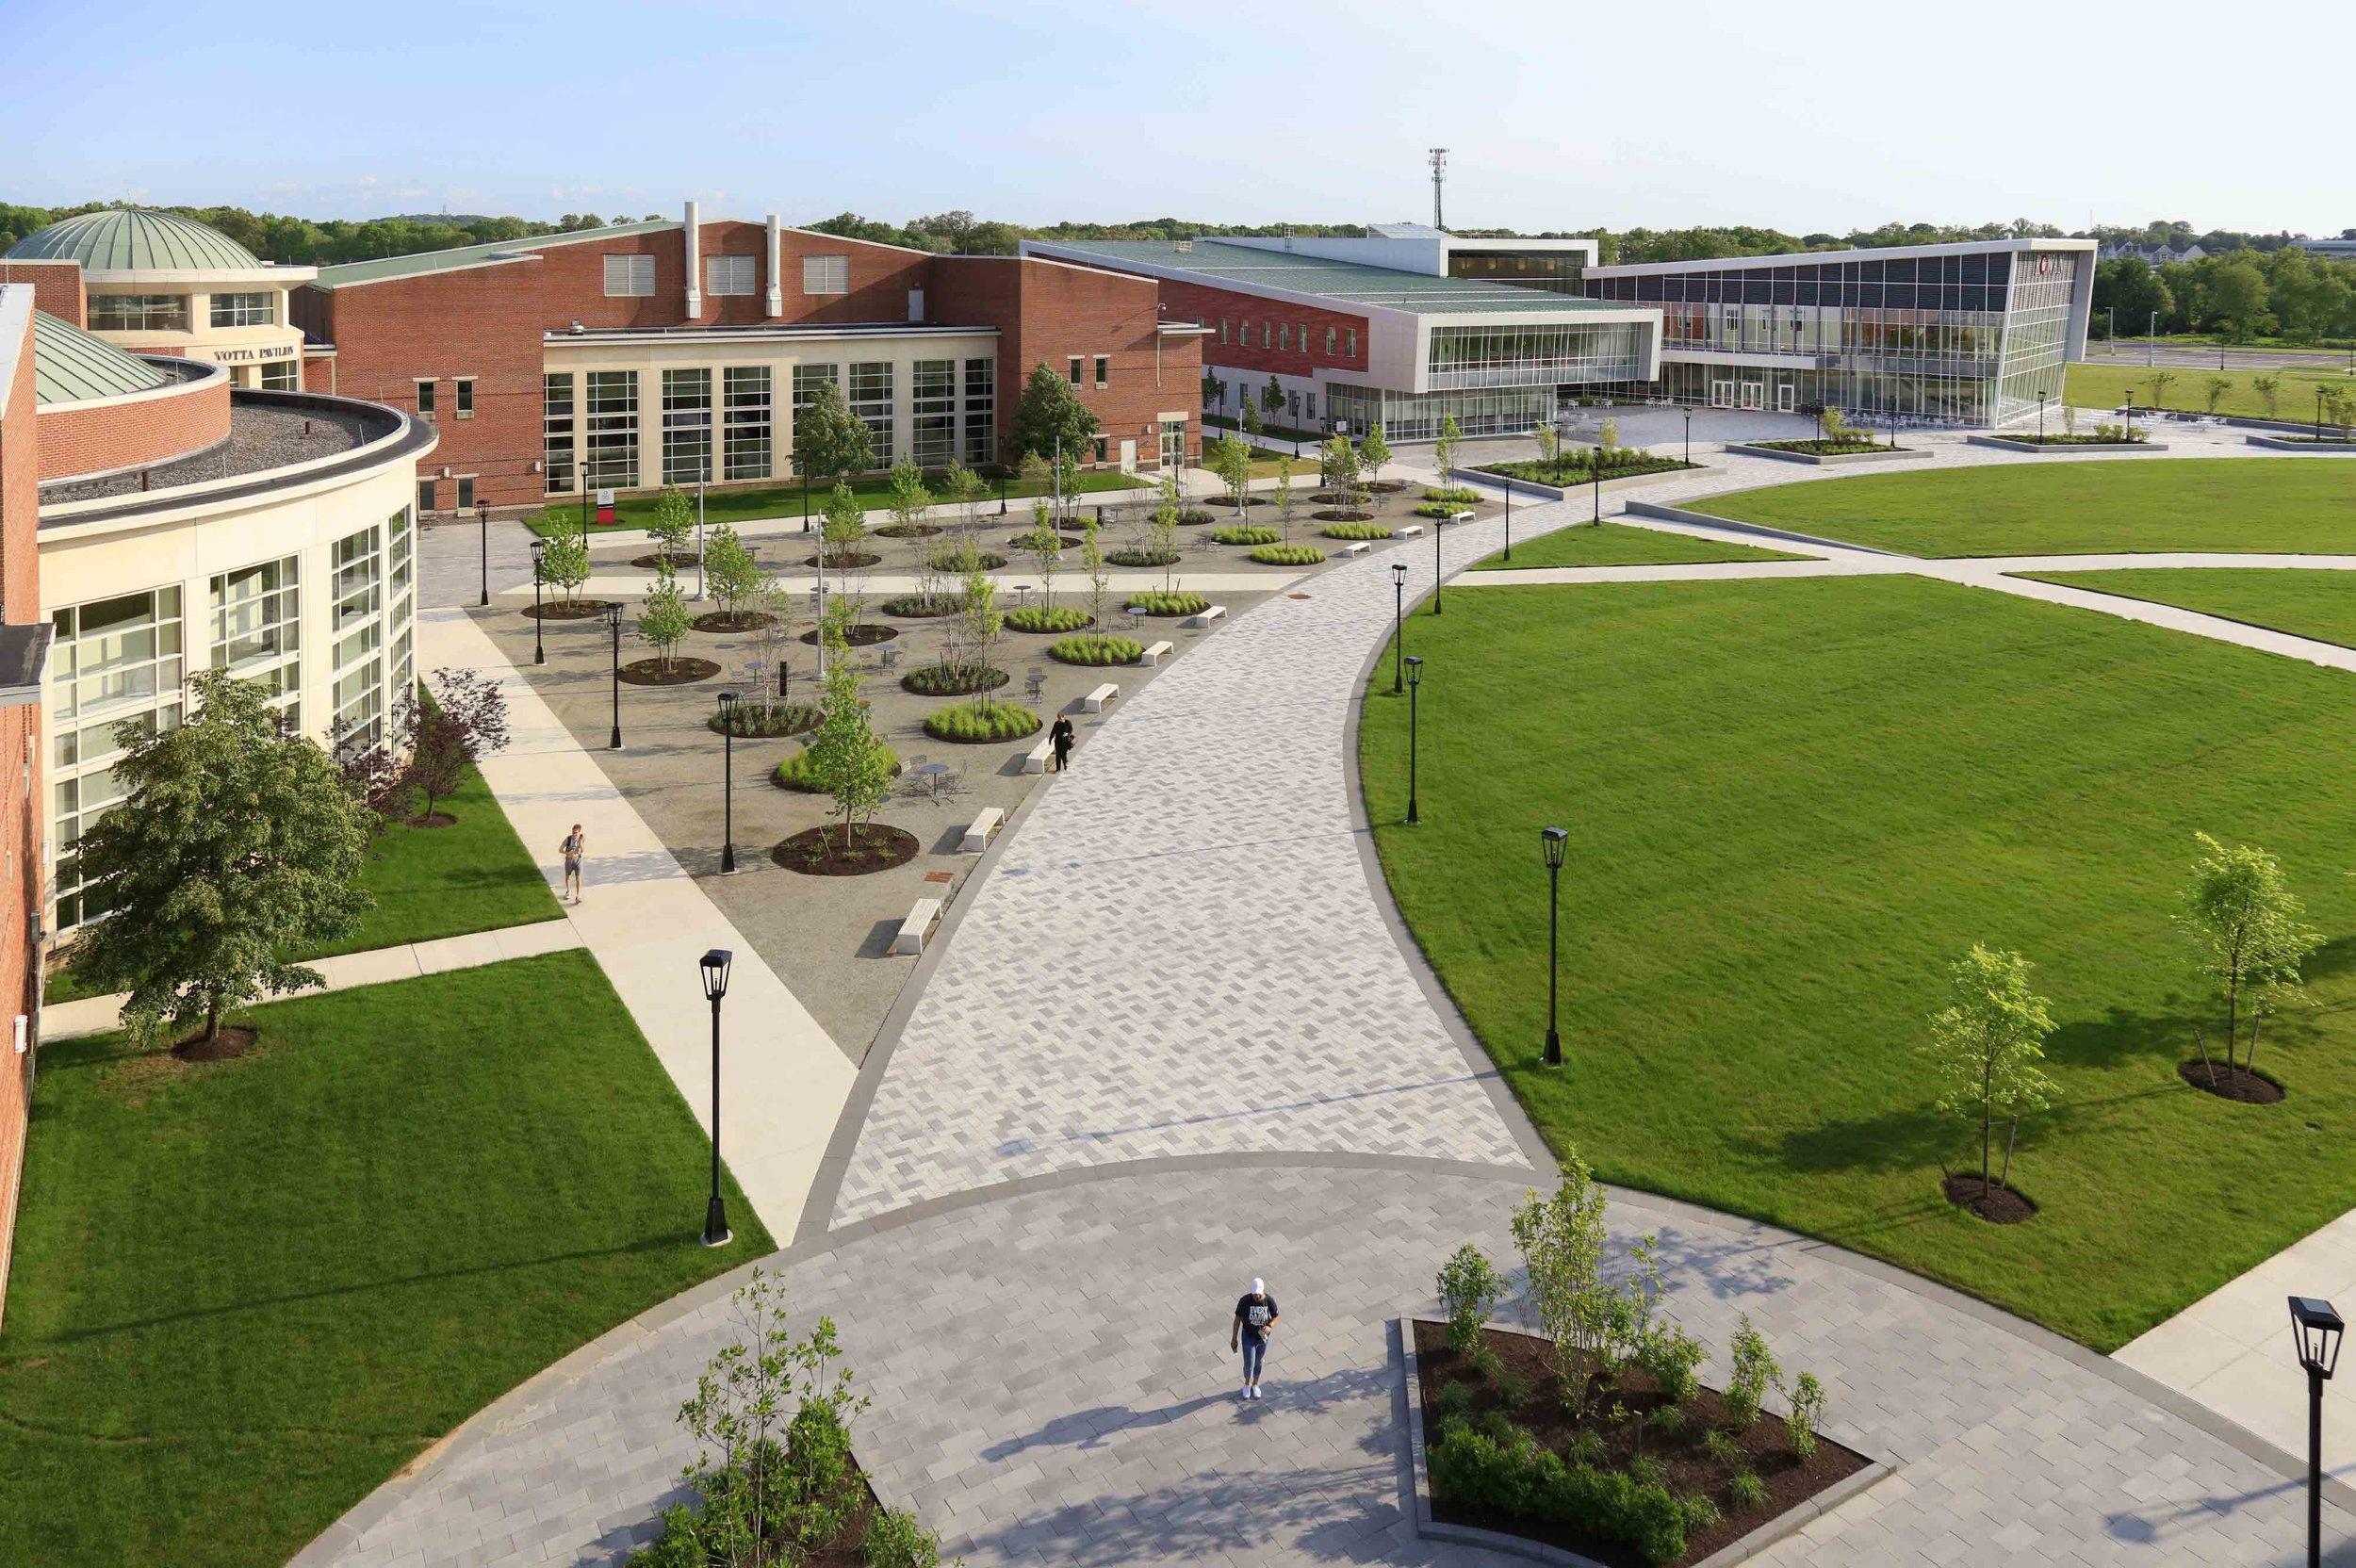 Rowan College_3.jpg